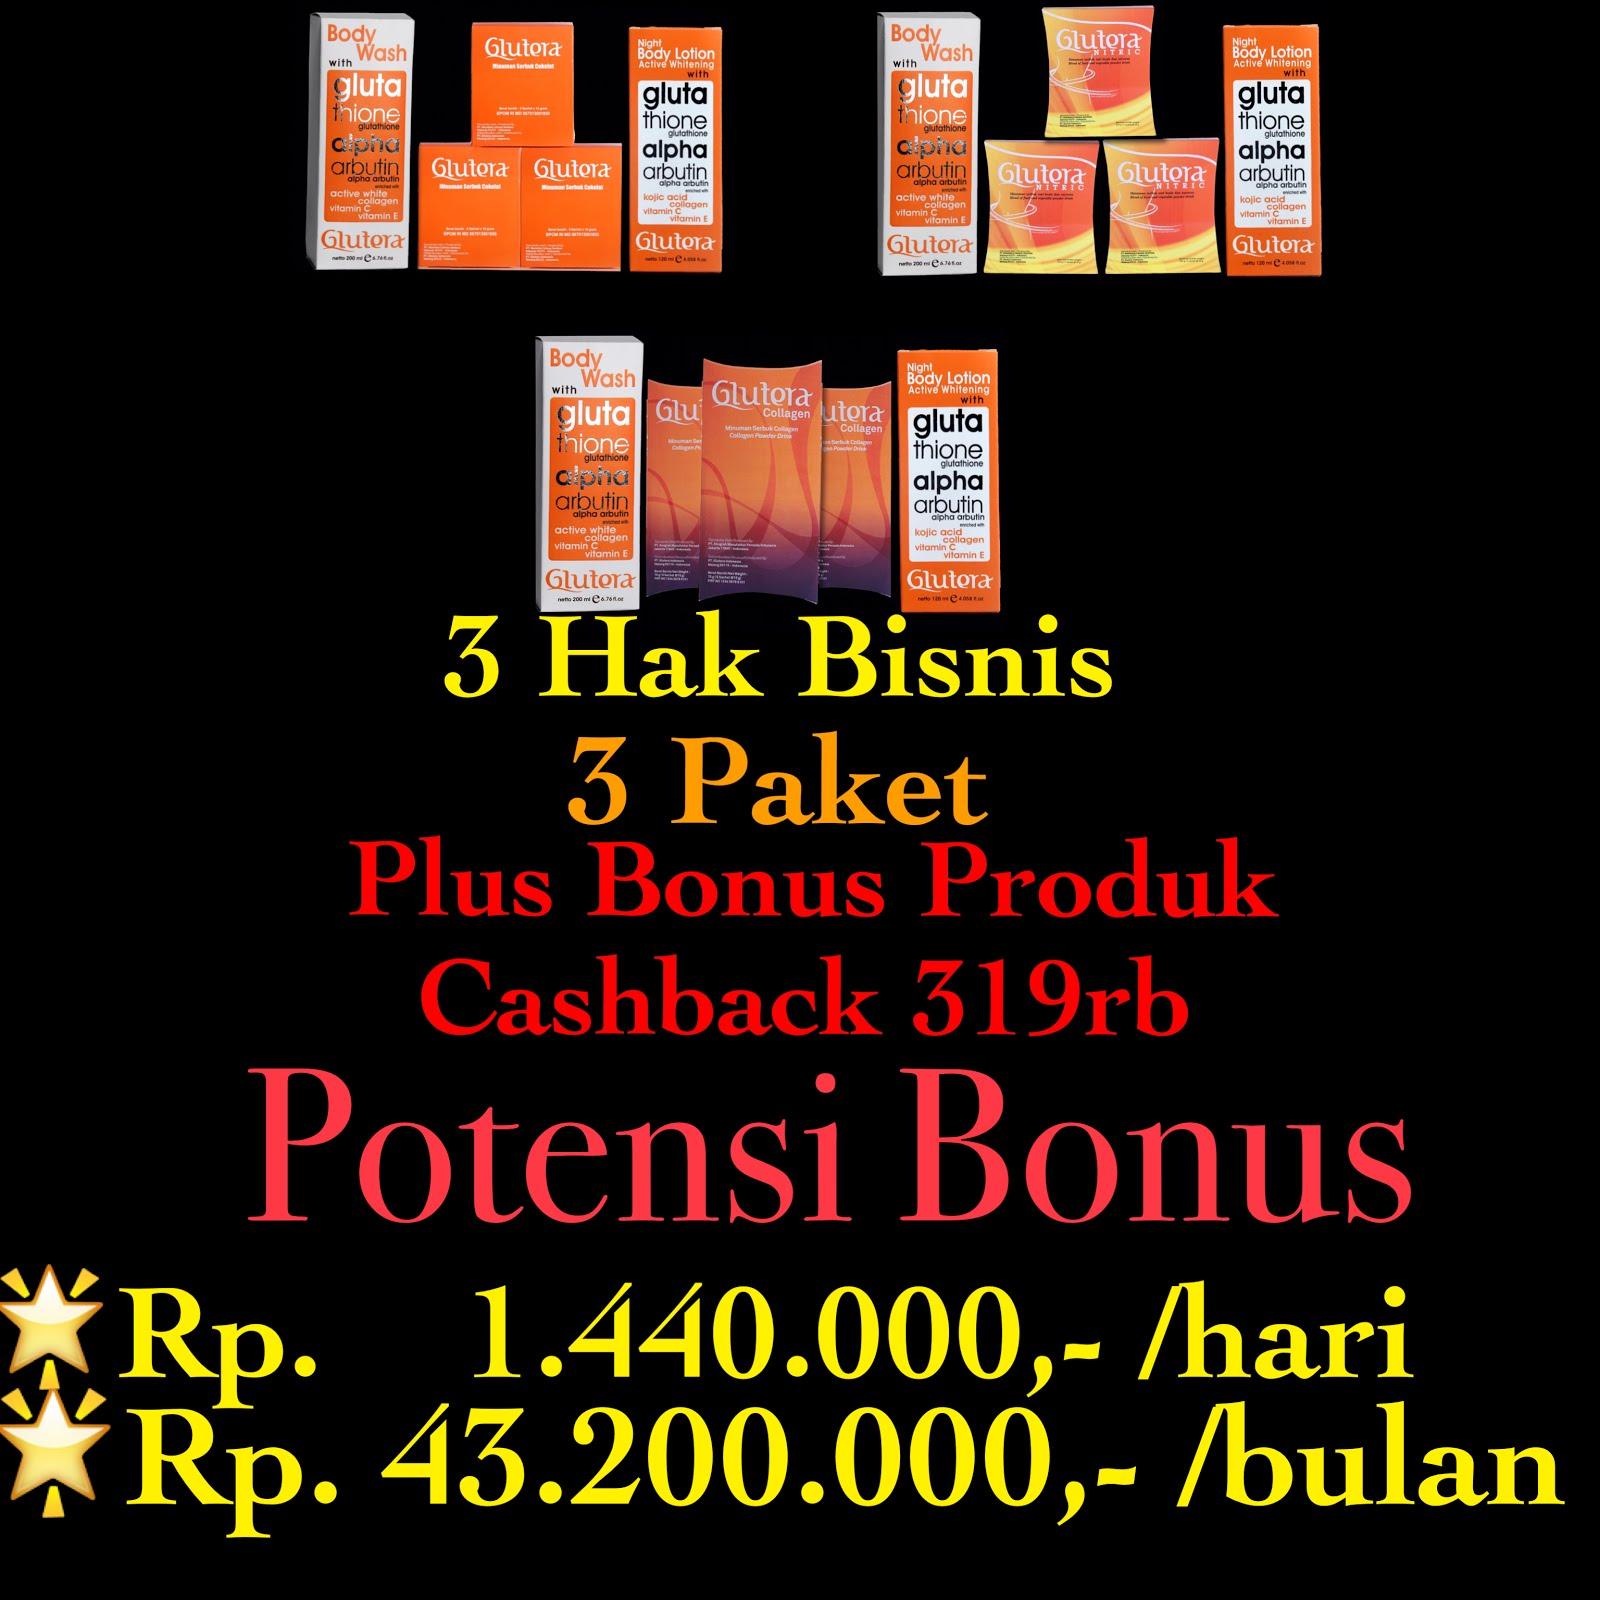 Potensi Hak Usaha 3 Paket